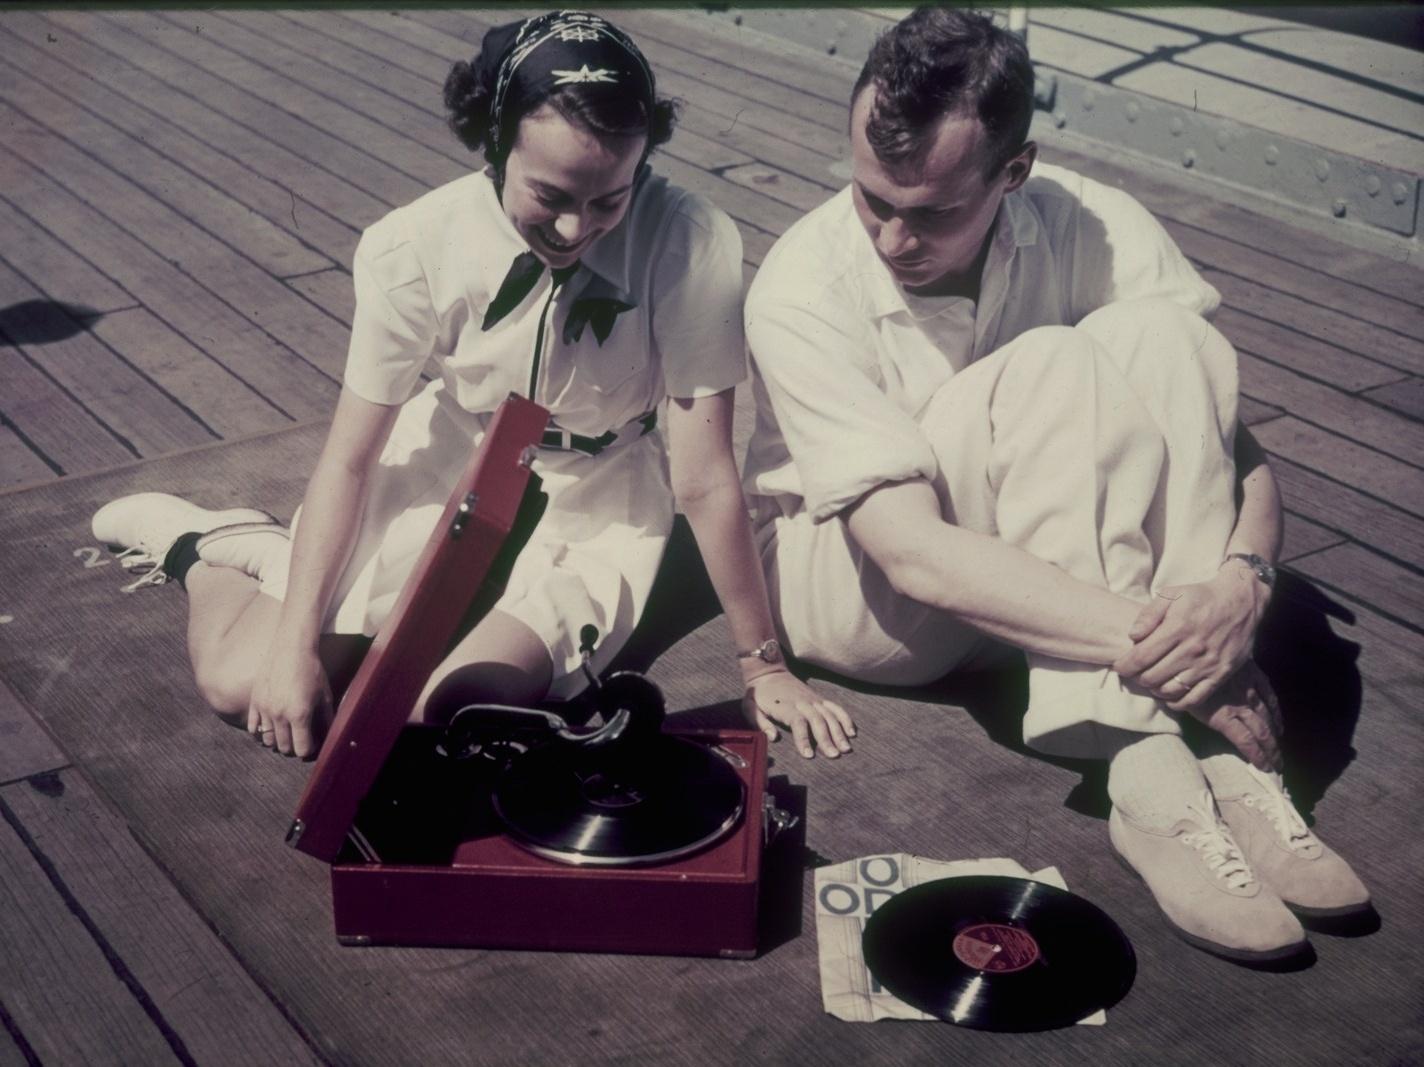 Молодая пара с граммофоном на палубе пассажирского судна